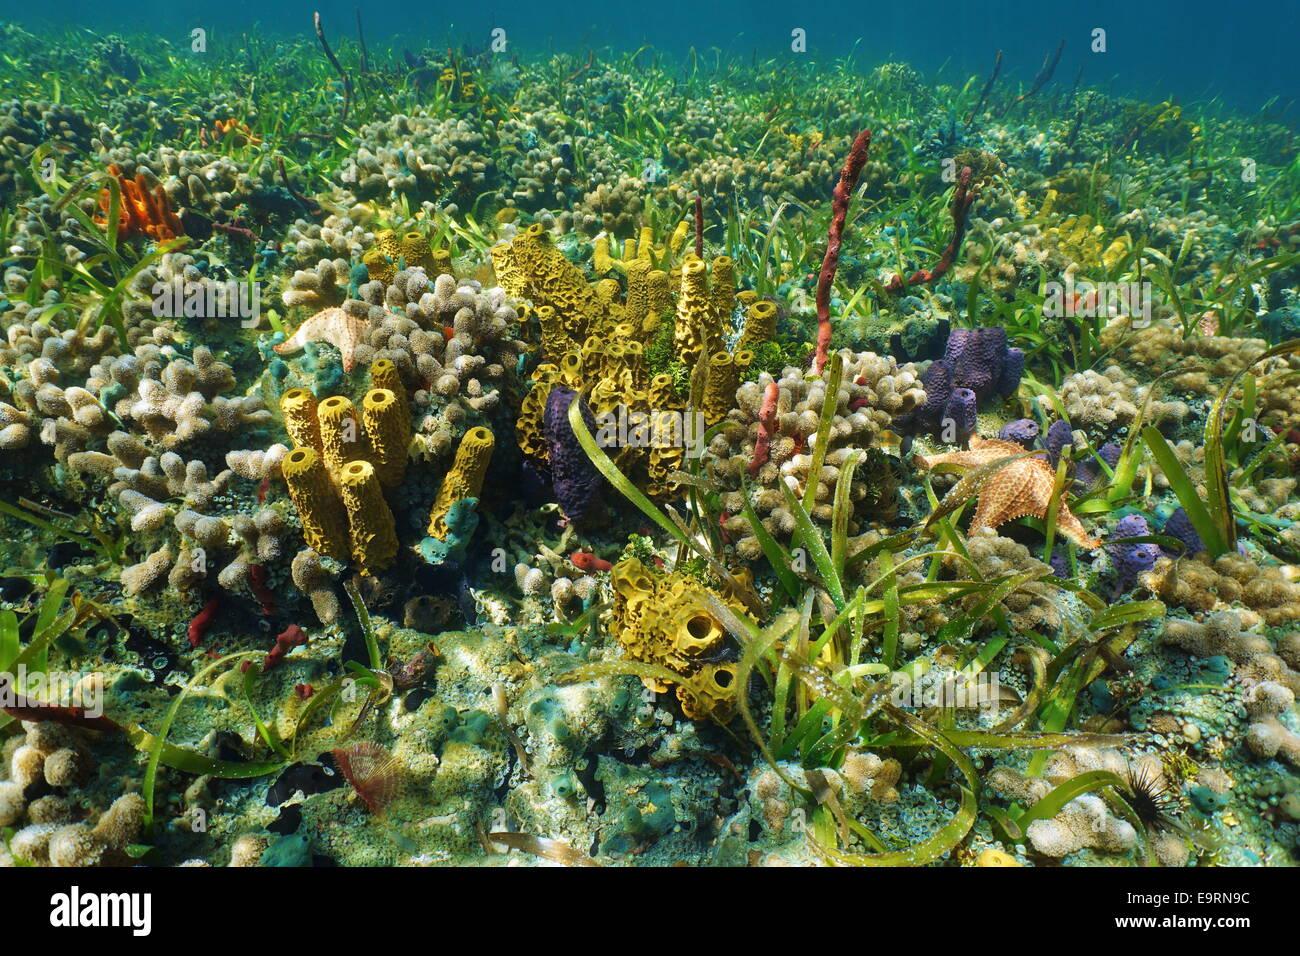 Coloridas criaturas submarinas en el lecho marino con esponjas, corales y estrellas de mar, mar Caribe Imagen De Stock